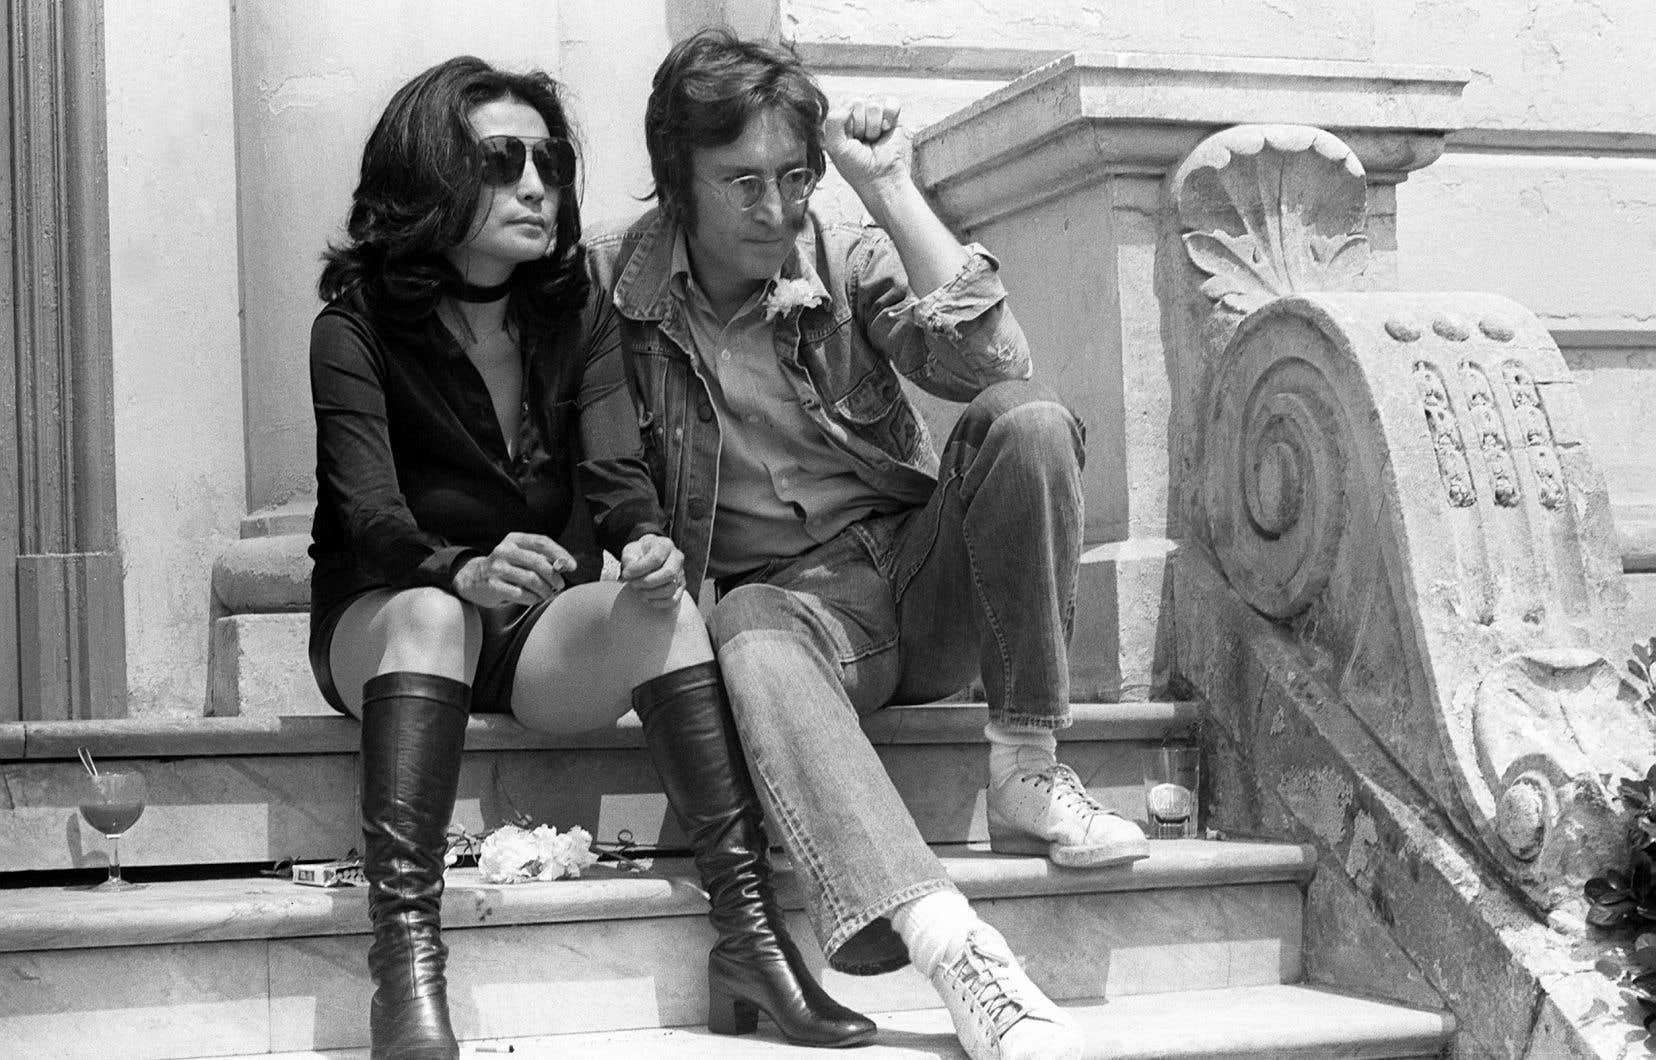 Yoko Ono et John Lennon posent pour les photographes à Cannes en 1971, où ils présentaient leurs films «Apotheosis» et «The Flu».